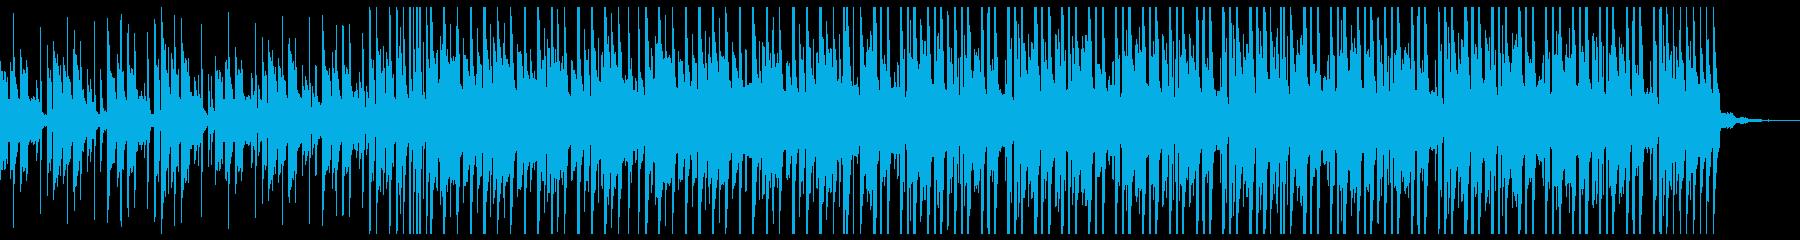 水を連想するような透明感のある曲の再生済みの波形